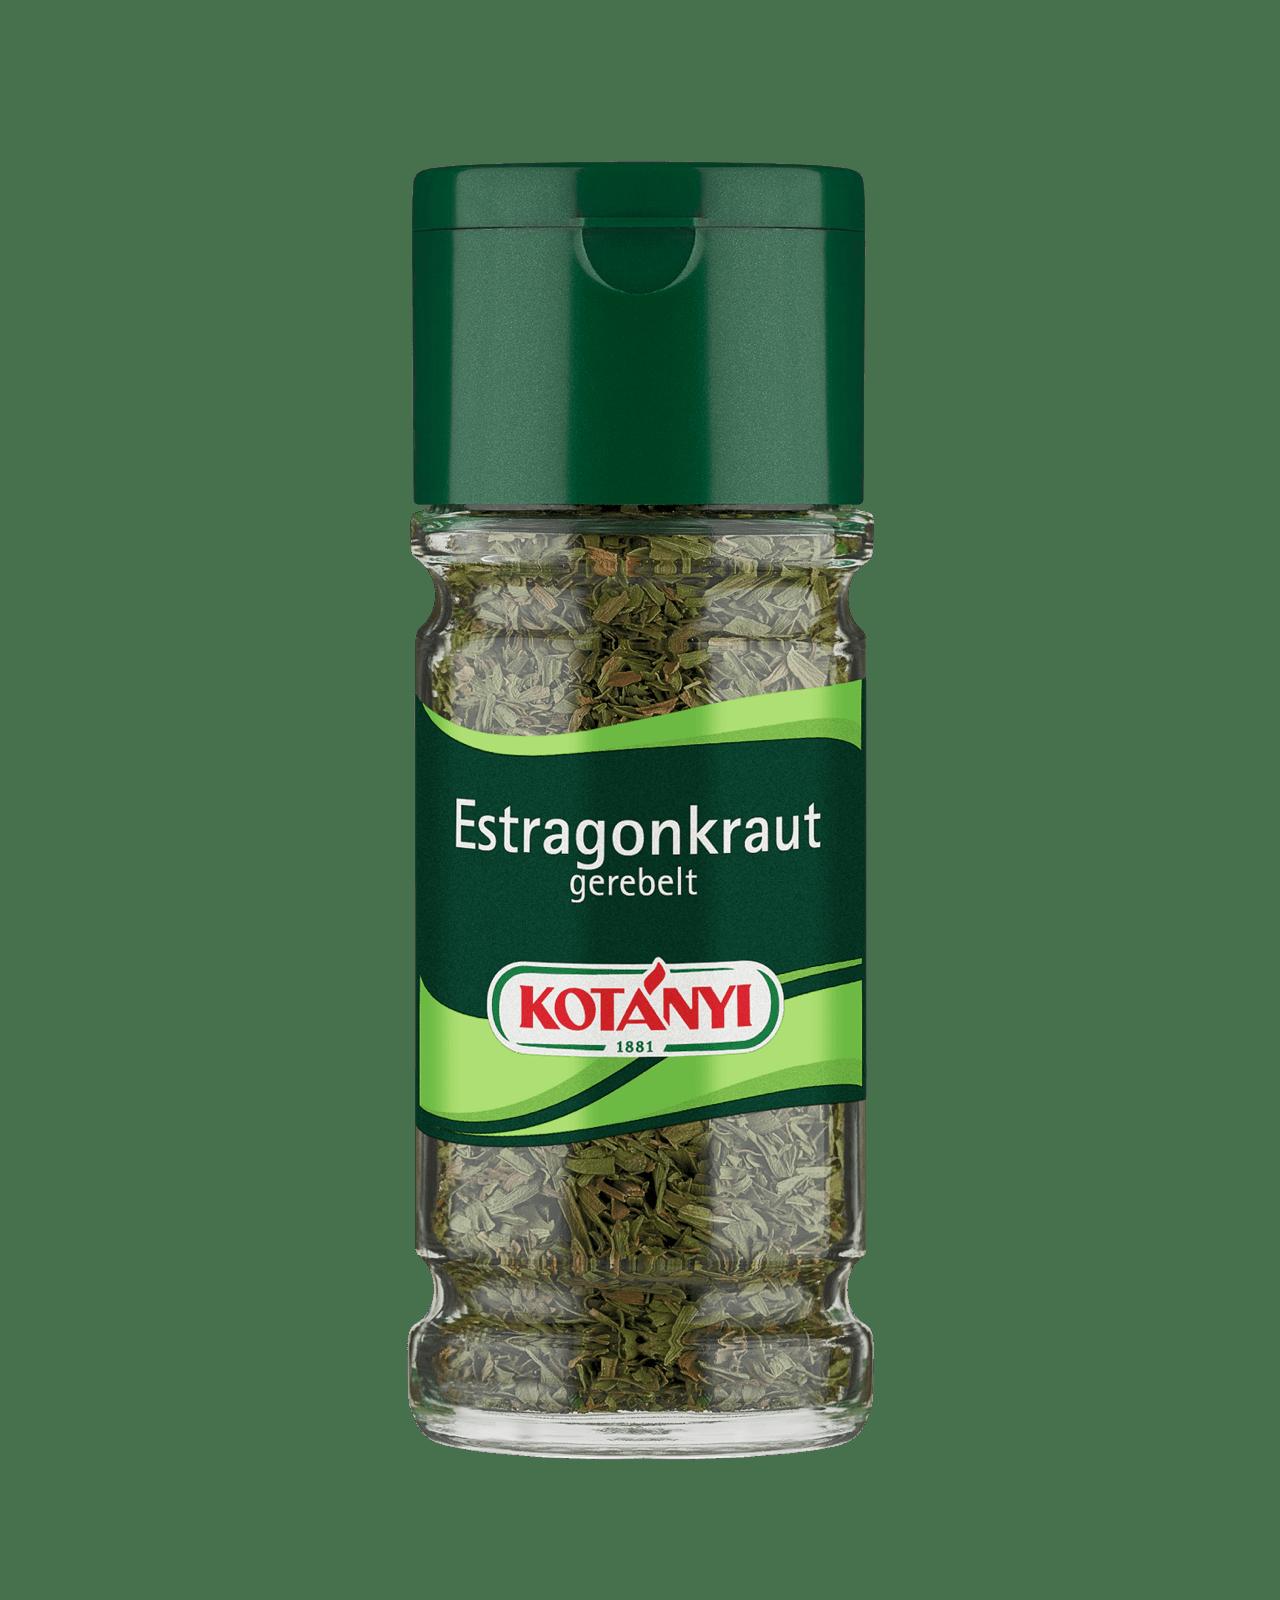 Kotányi Estragonkraut gerebelt im 100ml Glas